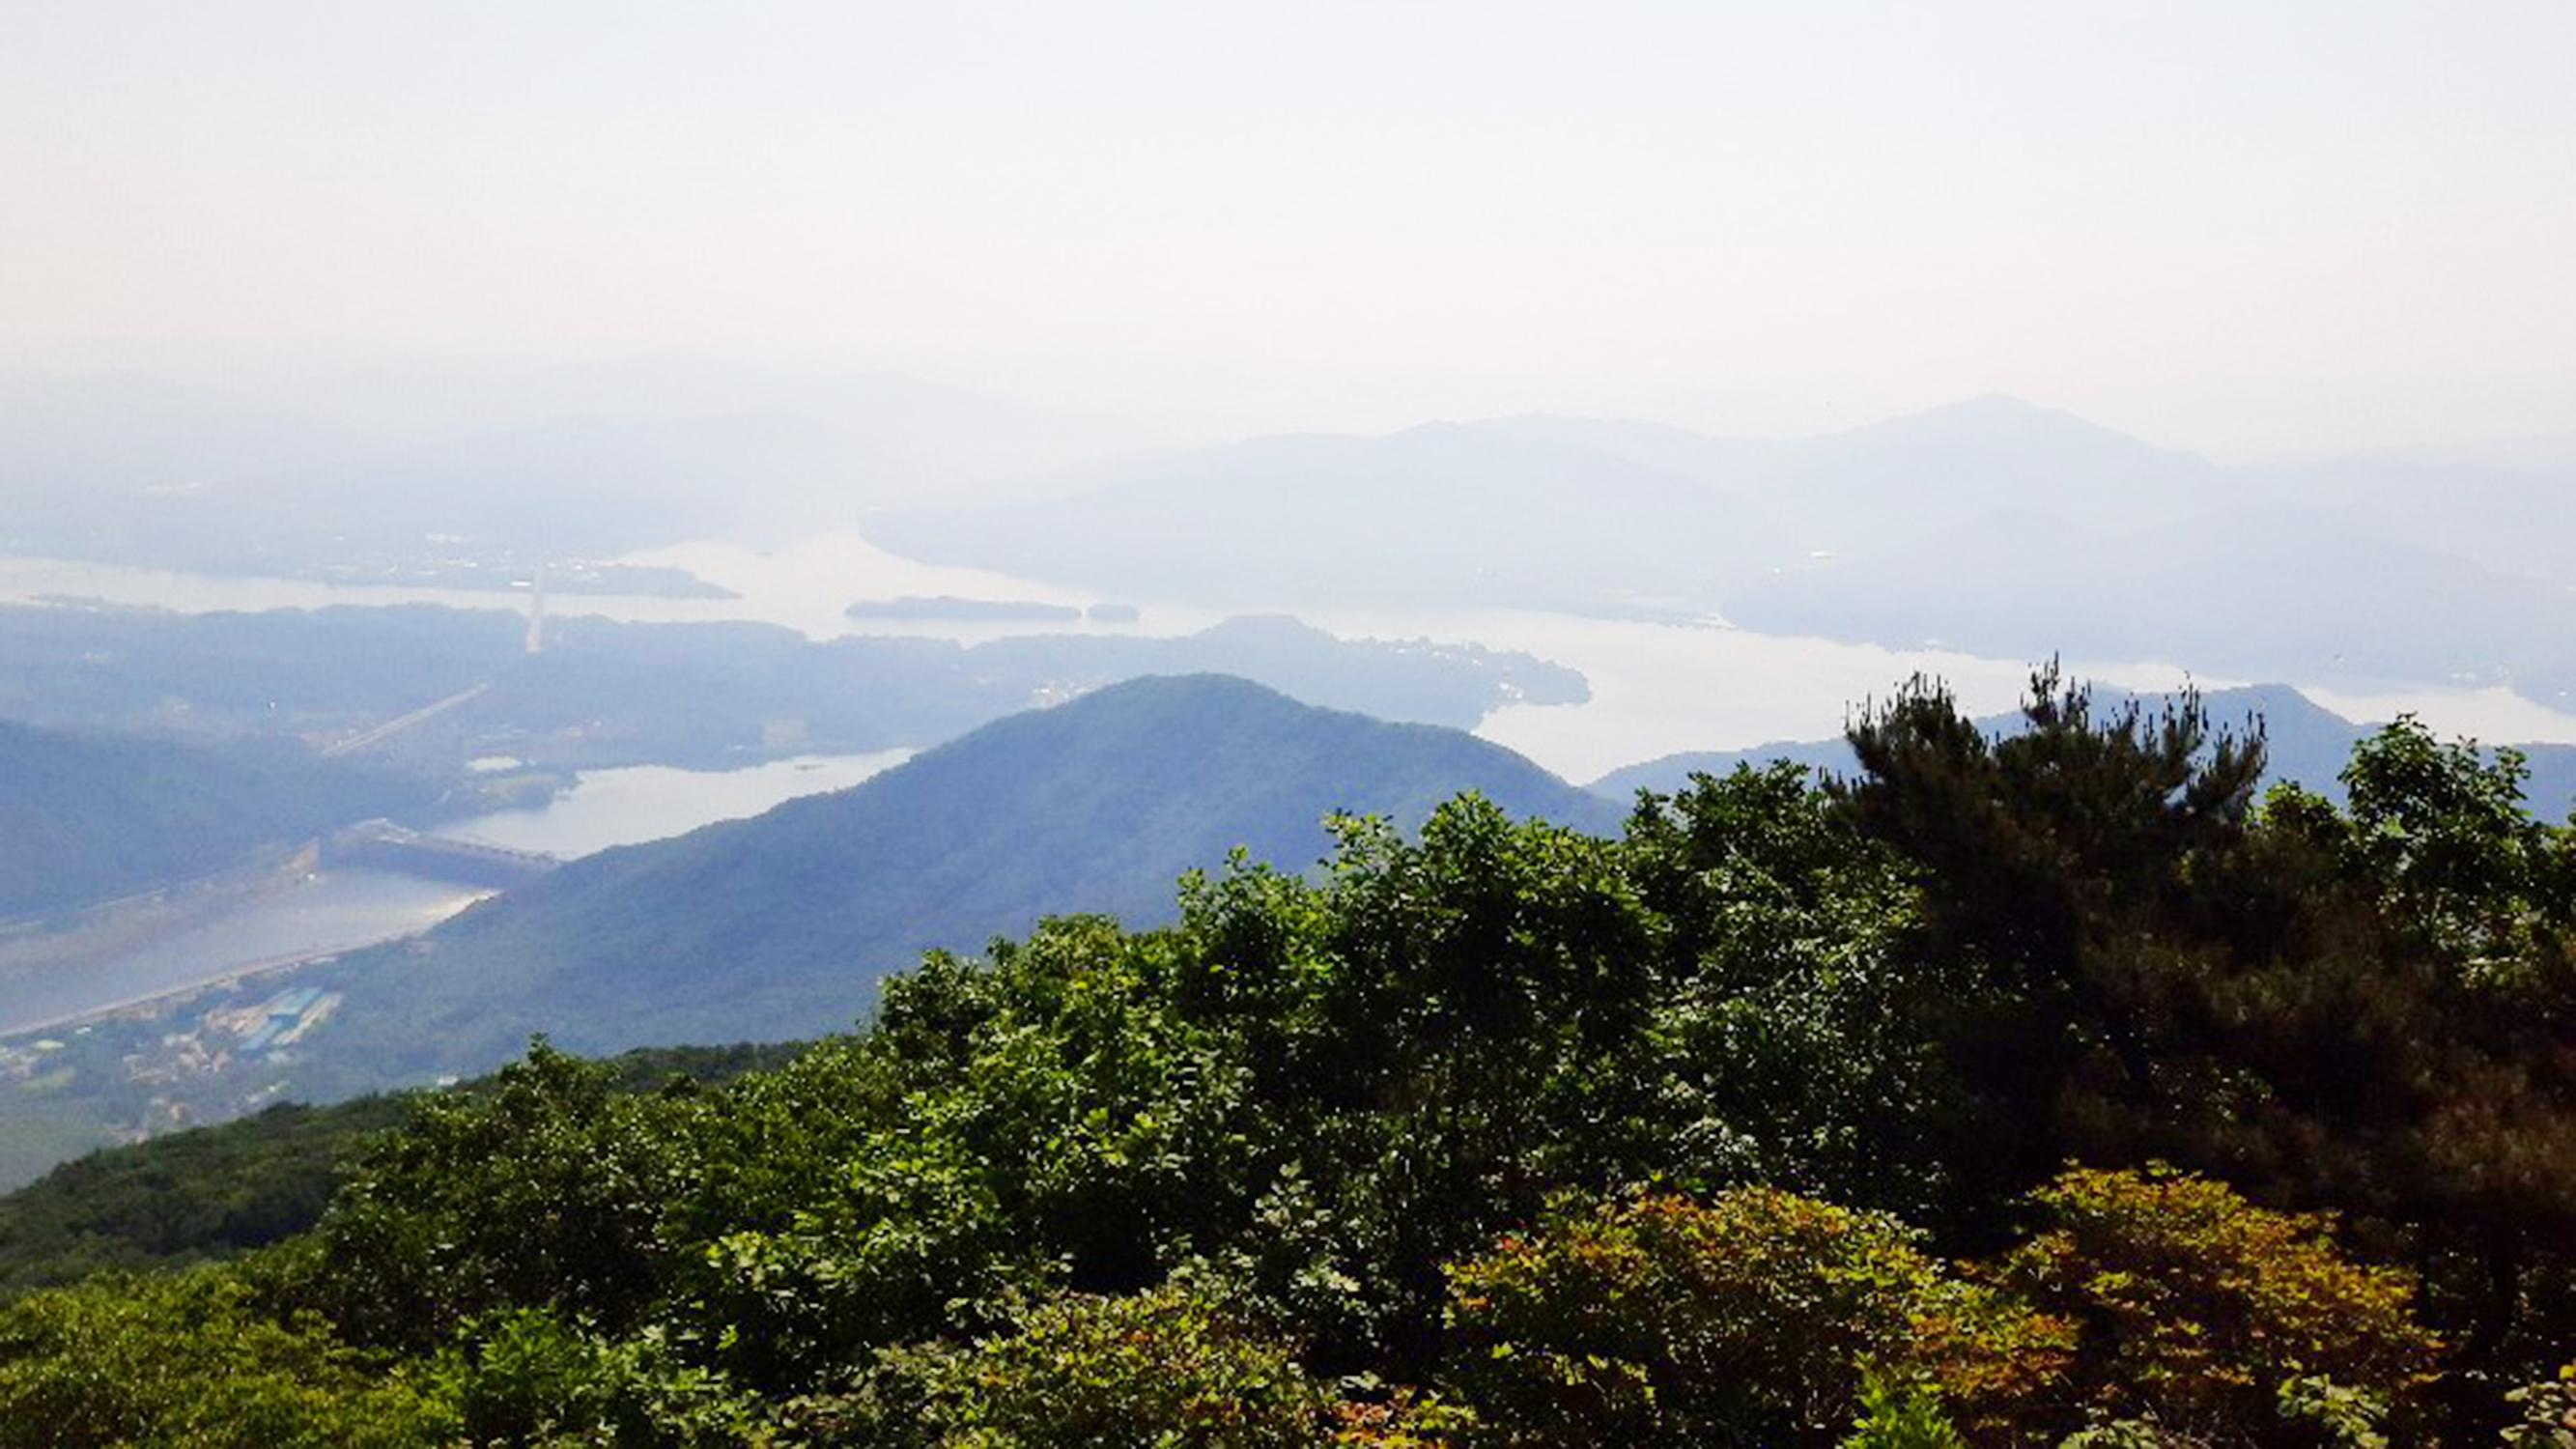 [산행 포인트] 두물머리를 볼 수 있는 하남 '검단산' 트레킹